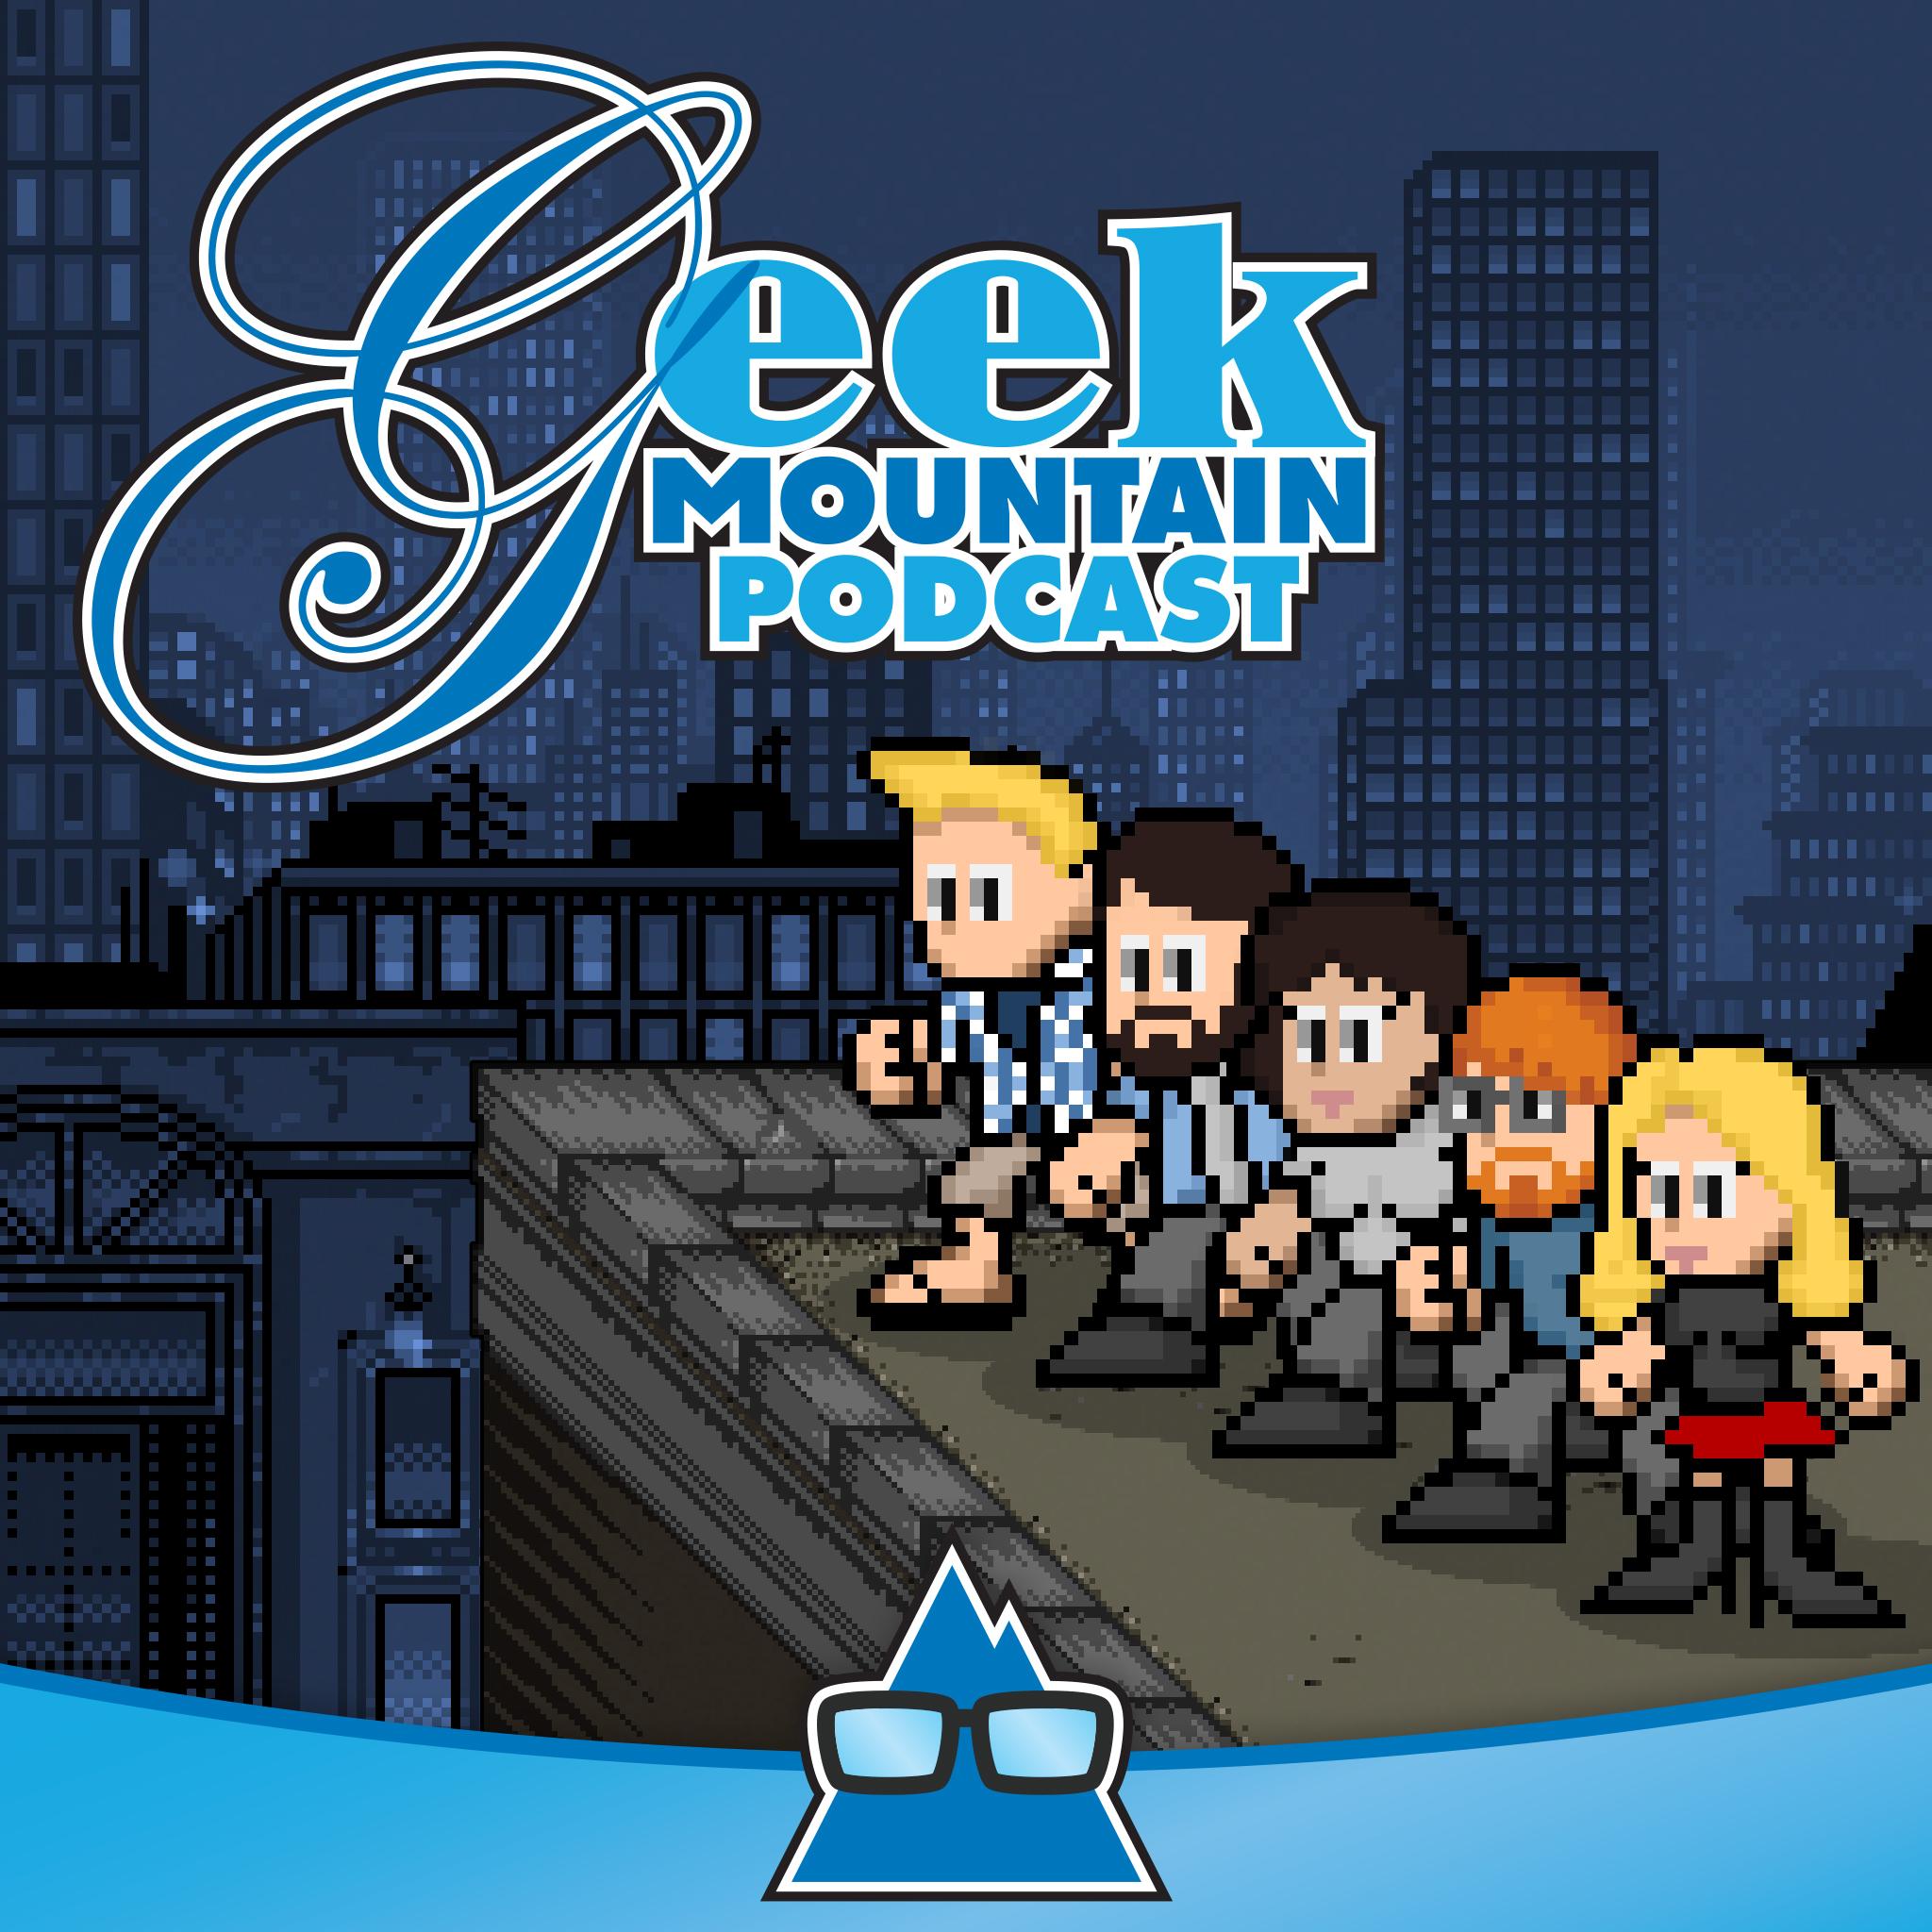 Geek Mountain Podcast show art